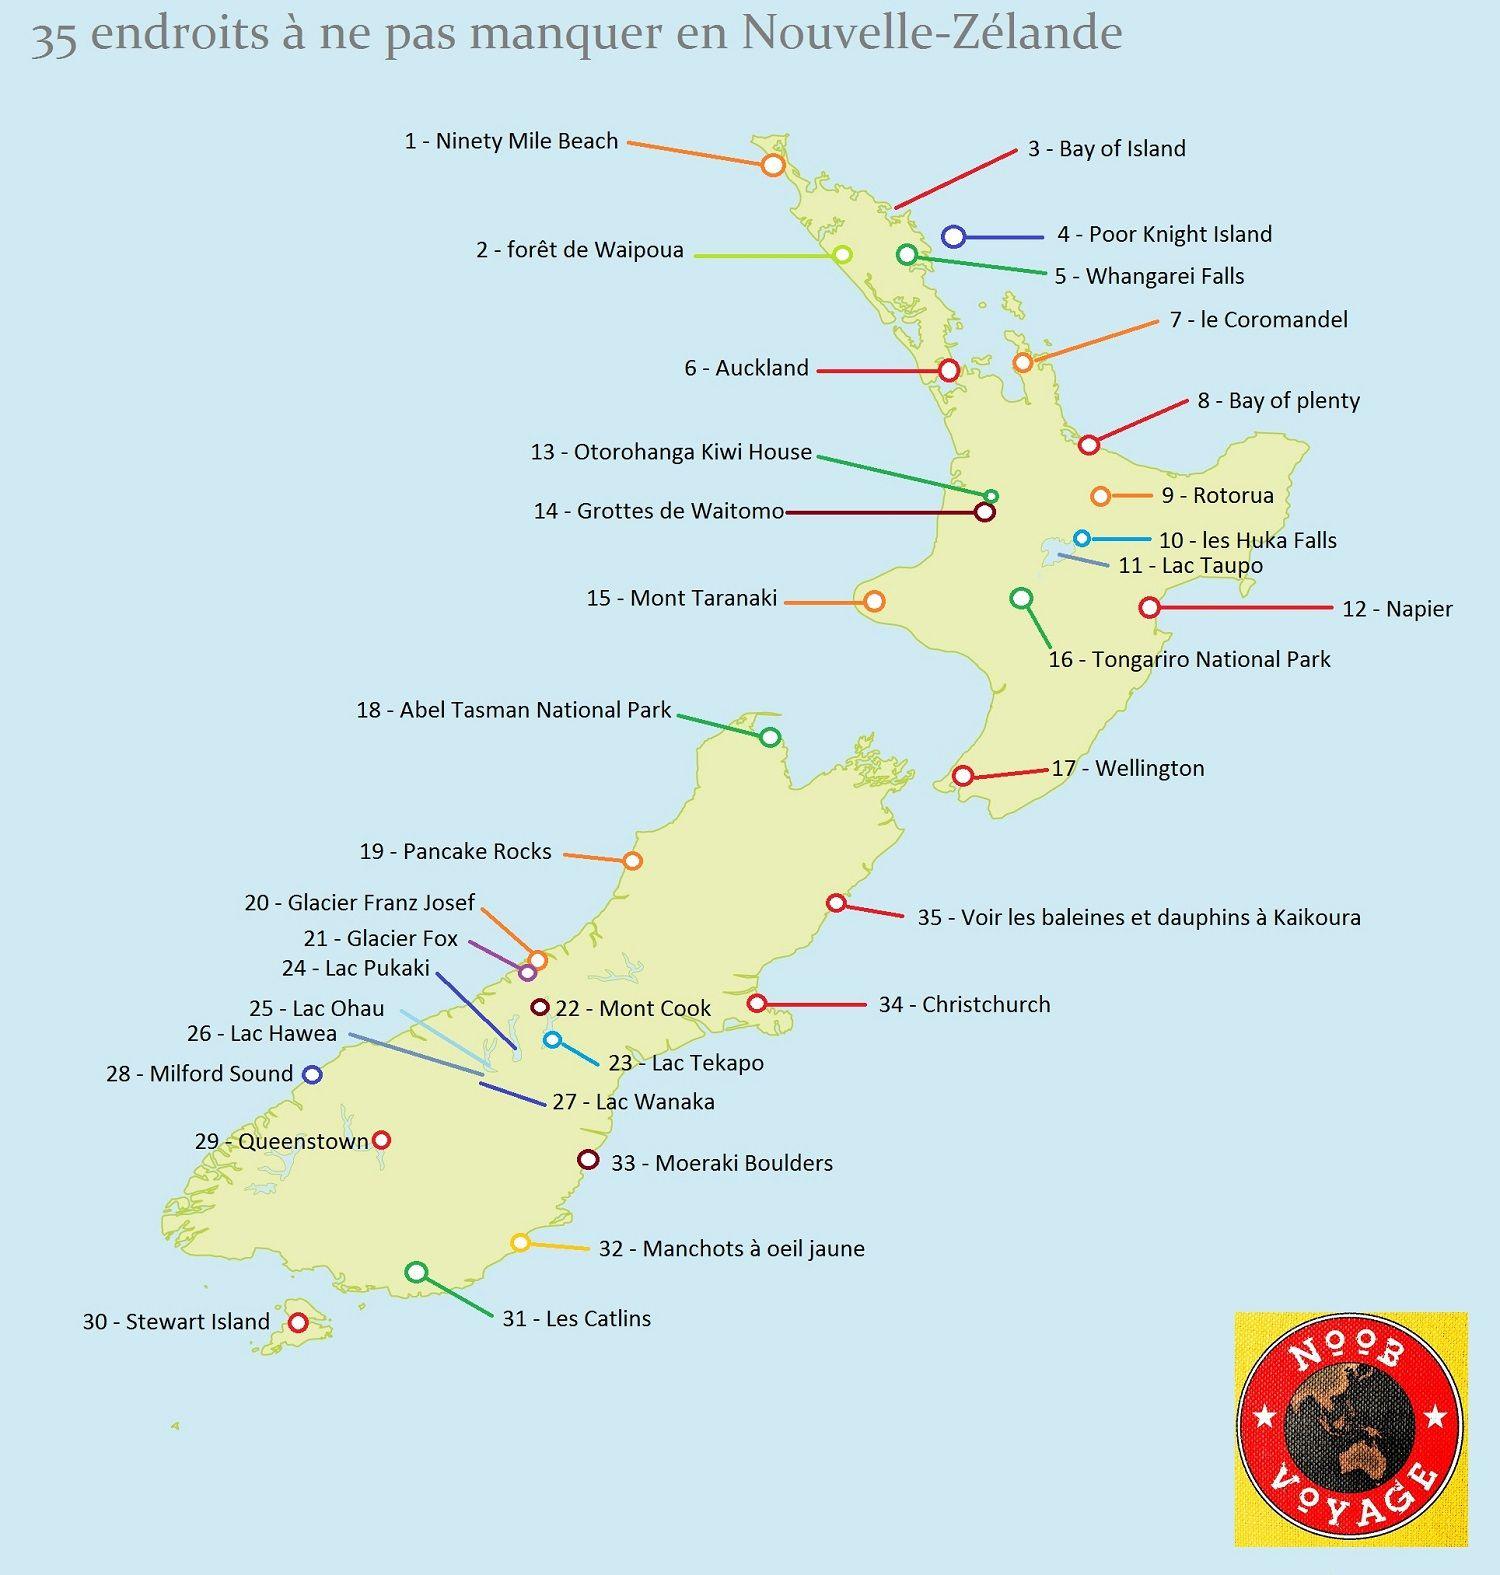 carte touristique lyon pdf télécharger